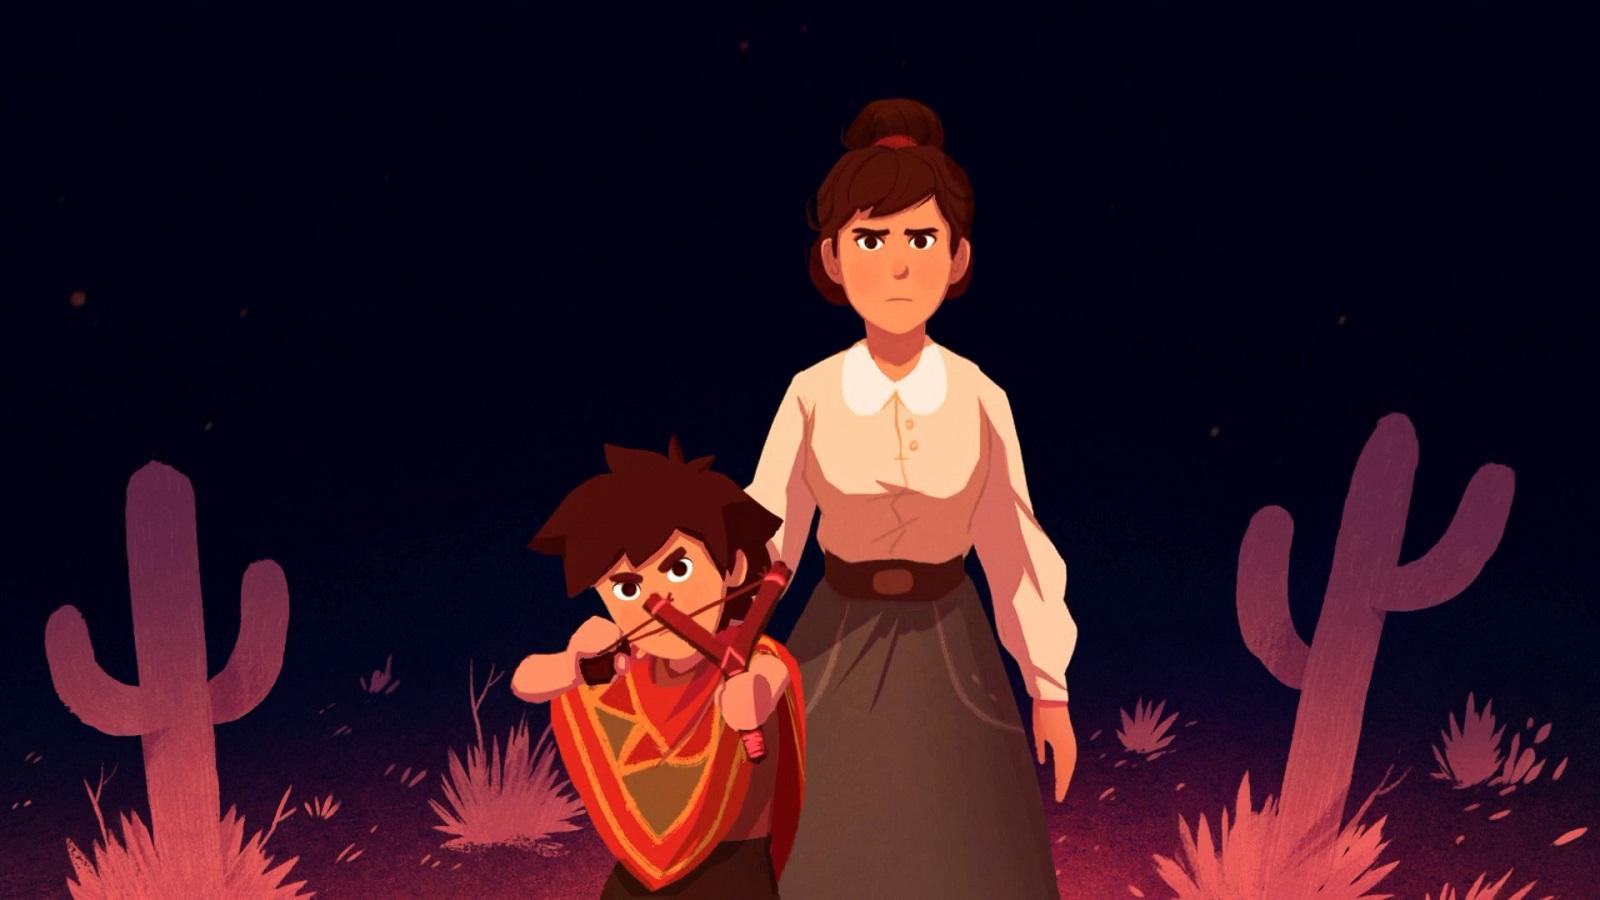 Ненасильственная стелс-игра El Hijo: A Wild West Tale доберётся до консолей на следующей неделе